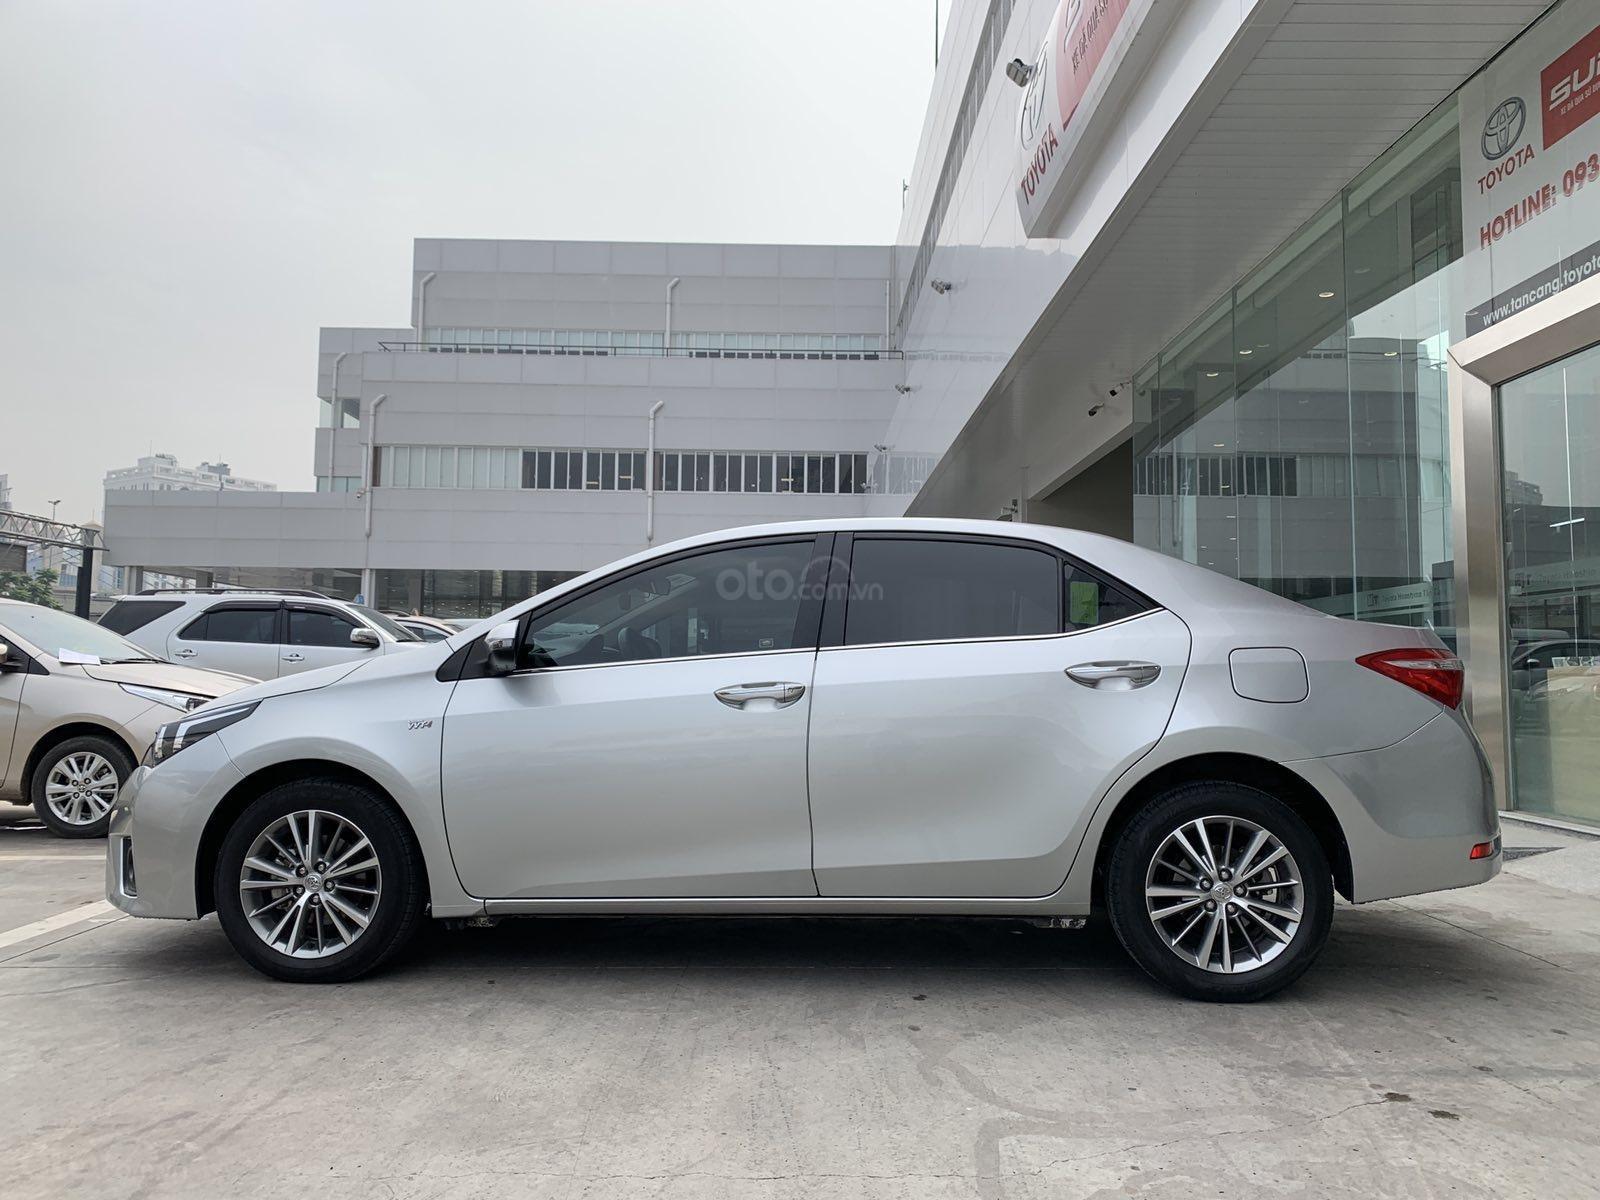 Cần bán xe Toyota Corolla Altis 1.8G CVT 2015 màu bạc đi 69.000km, BS. TpHCM - Xe chất giá tốt chính hãng (4)